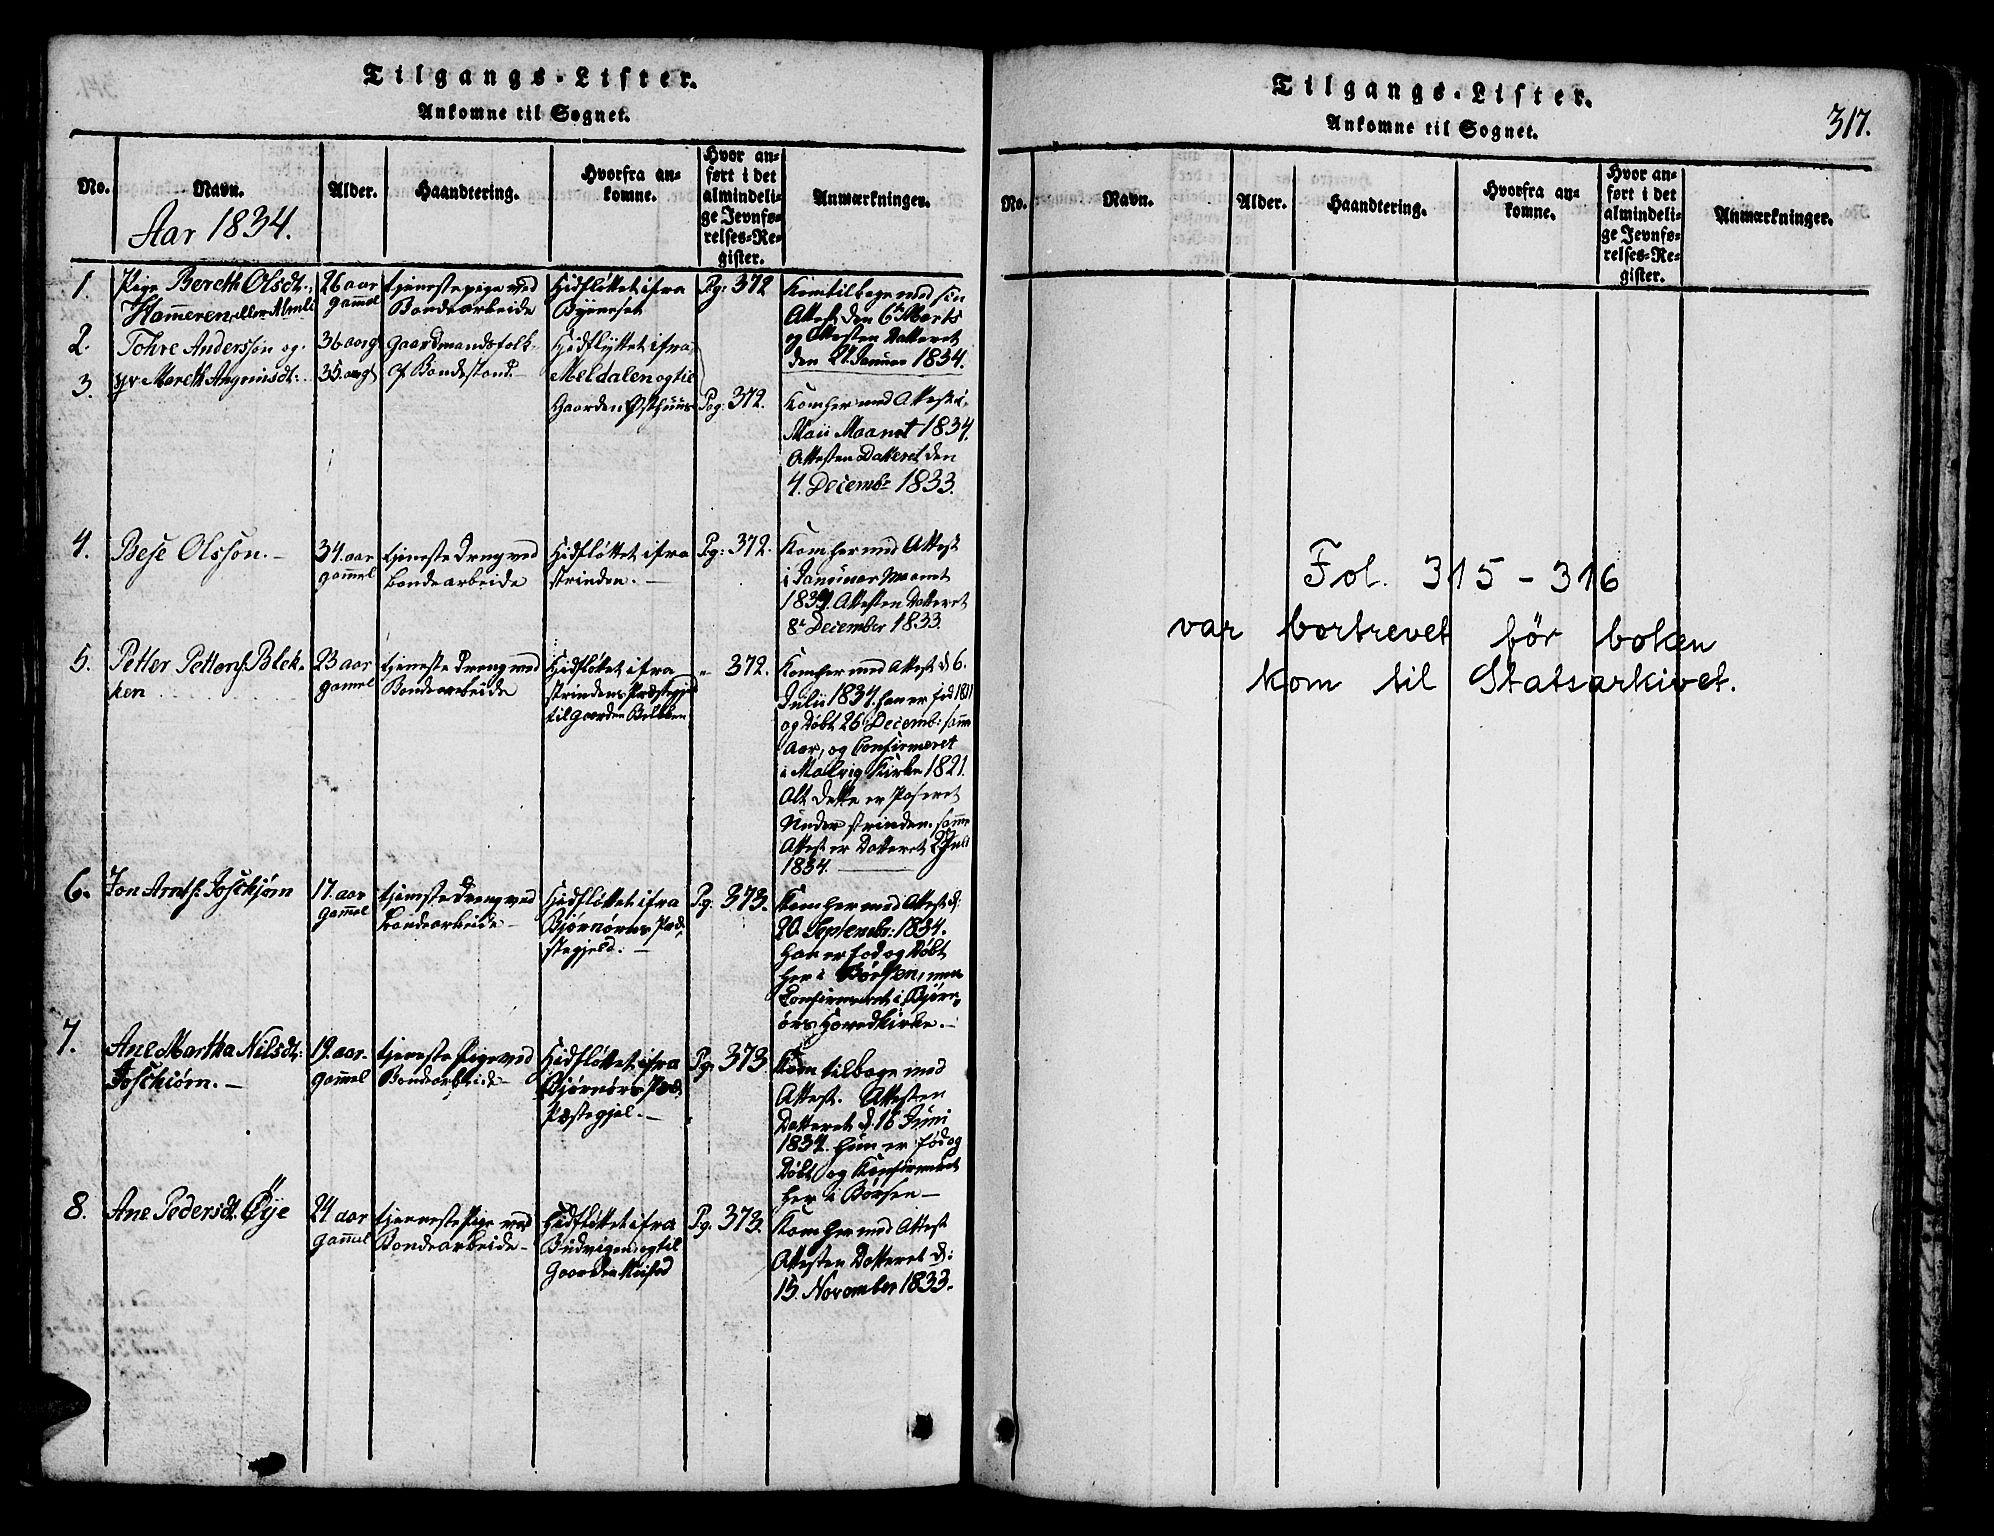 SAT, Ministerialprotokoller, klokkerbøker og fødselsregistre - Sør-Trøndelag, 665/L0776: Klokkerbok nr. 665C01, 1817-1837, s. 317